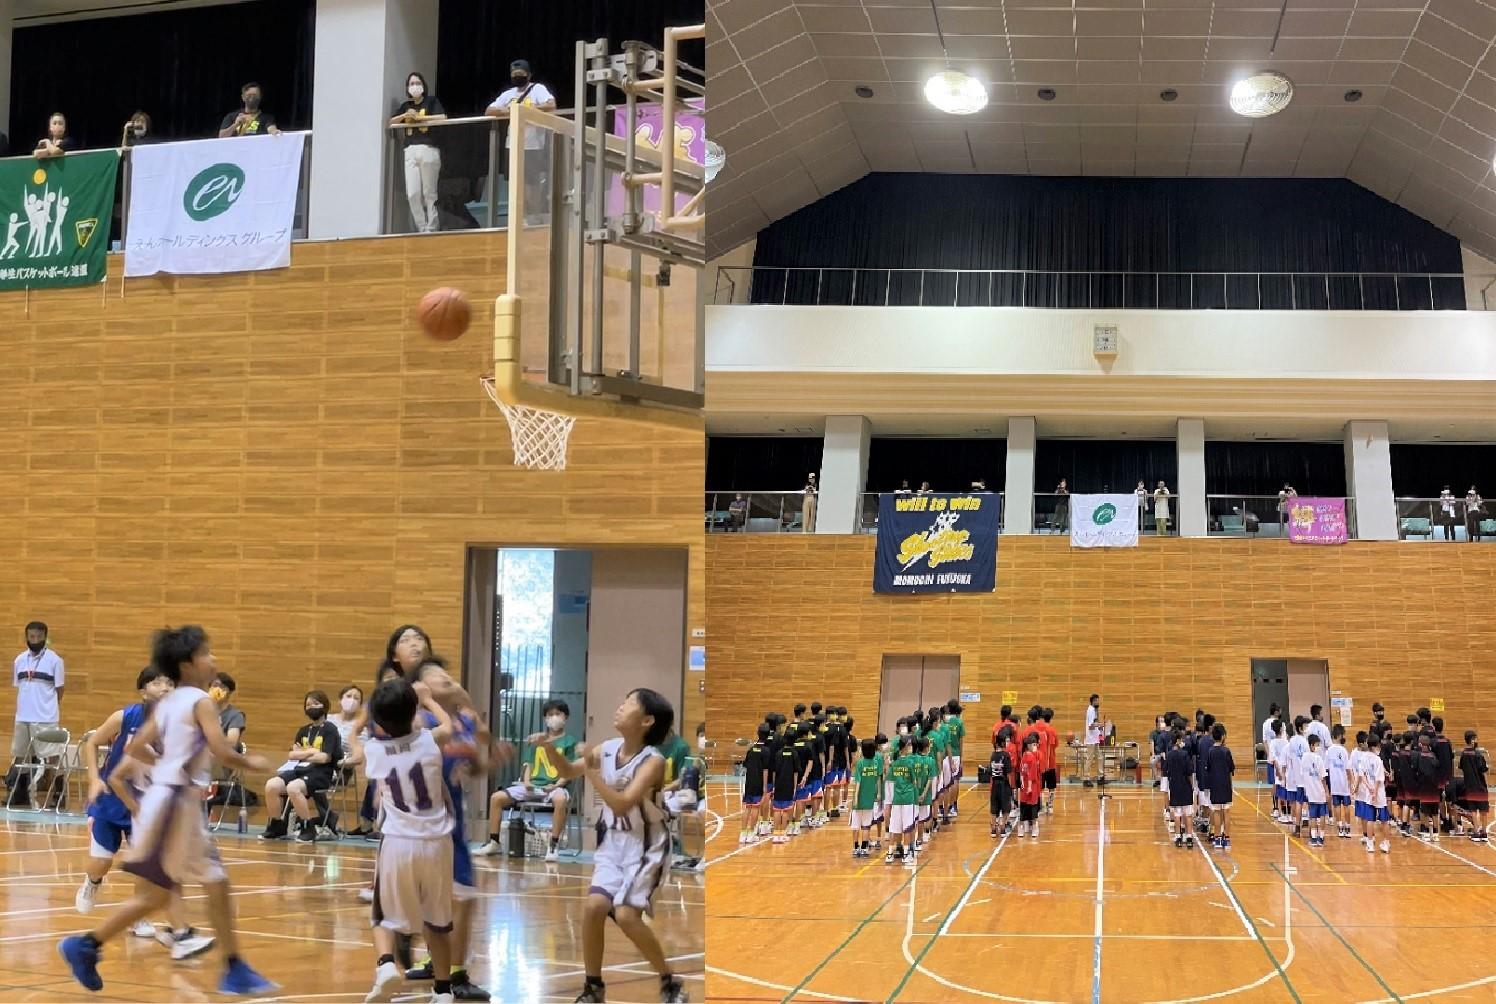 エンクレストCUP福岡市バスケットボール 夏季交歓大会 2021